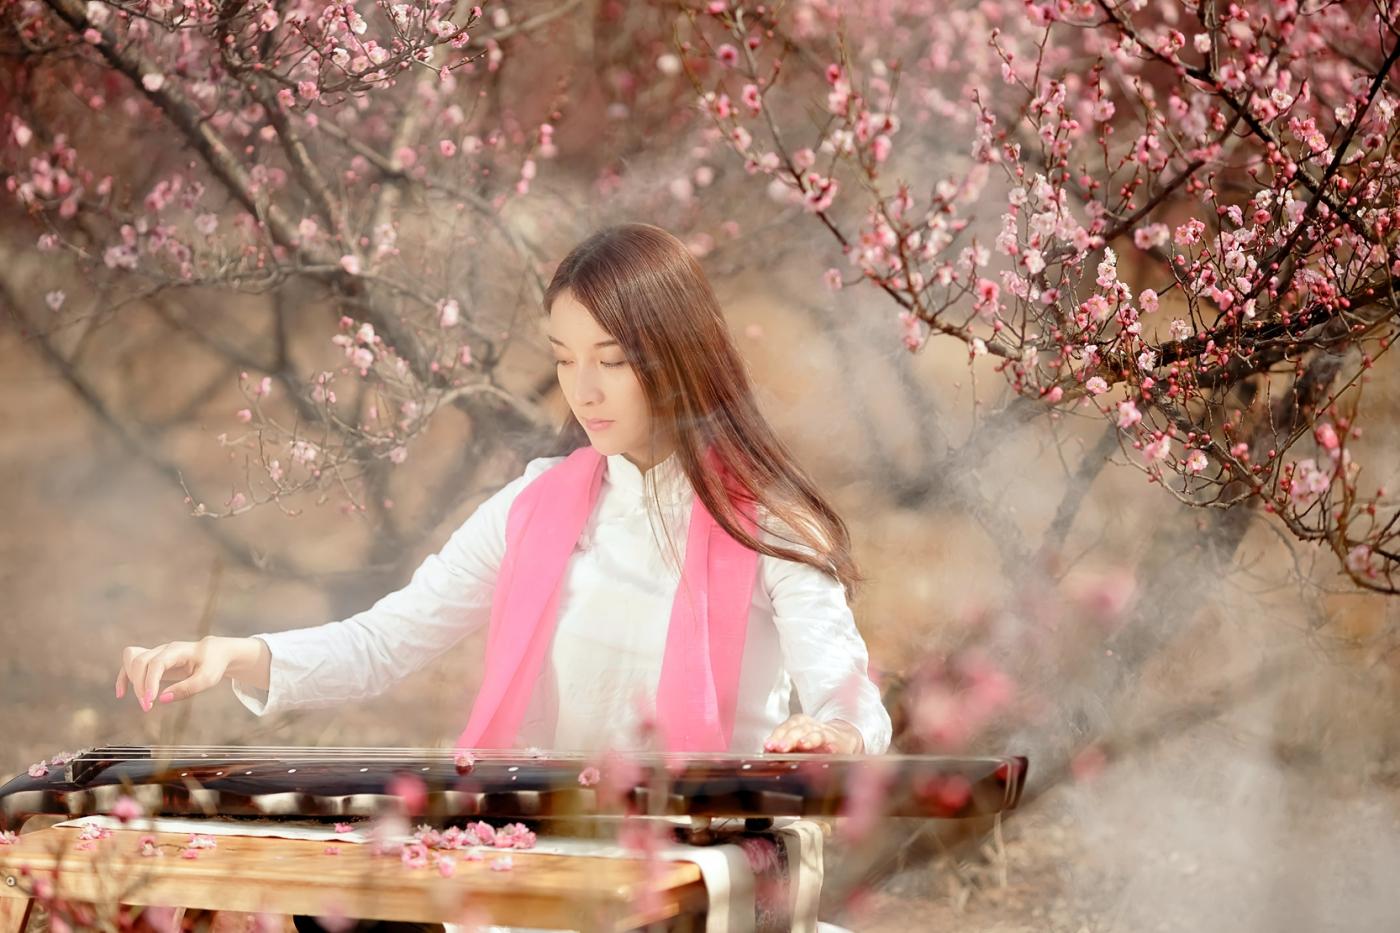 费县的春天从鲜花烂漫的梅林和女孩张诗奇的偶遇开始_图1-8